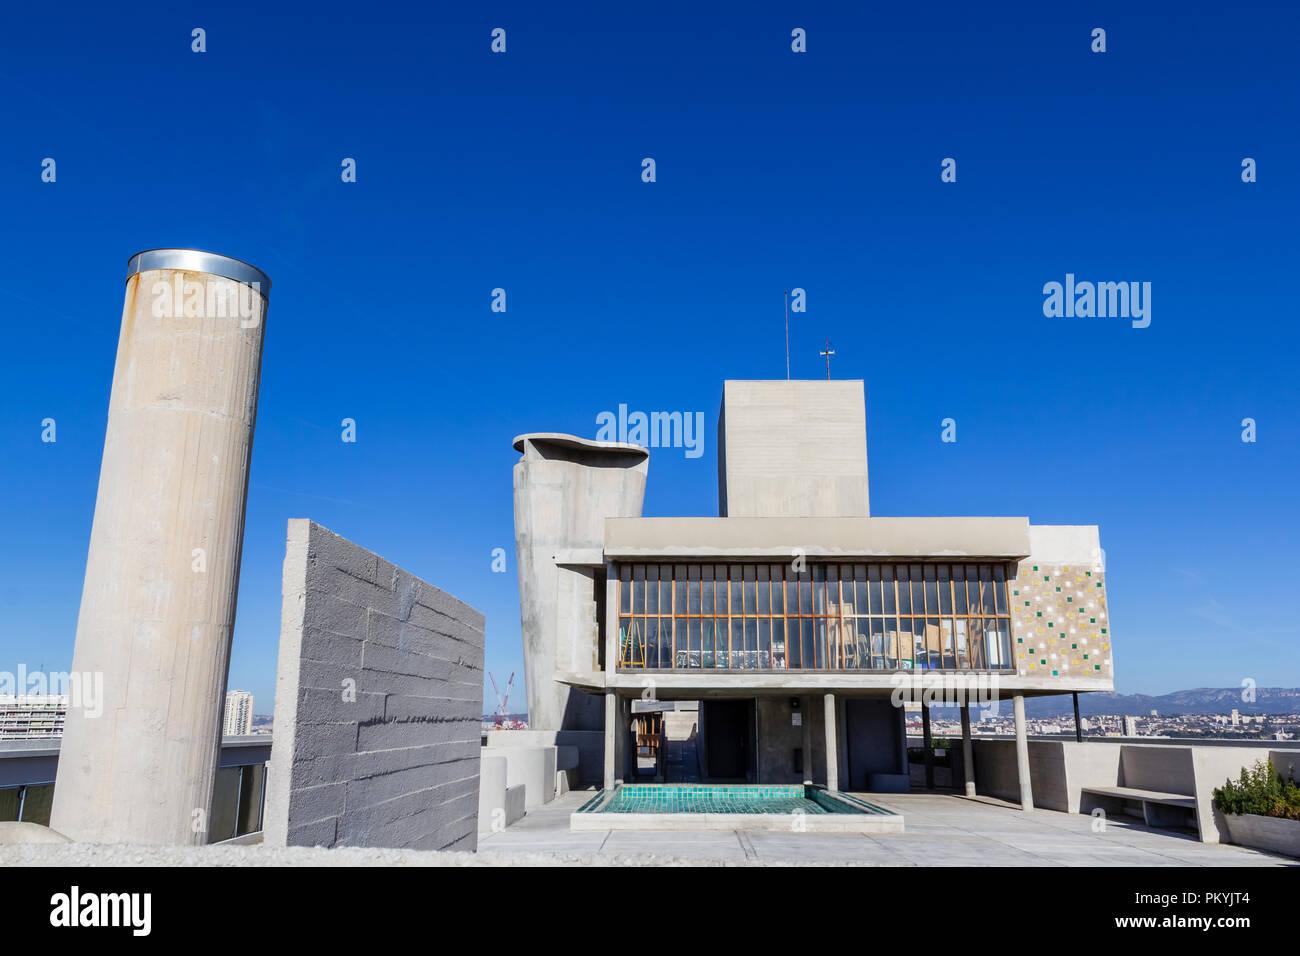 Le Corbusier Unite D Habitation cité radieuse, unite d' habitation, roof terrace (le